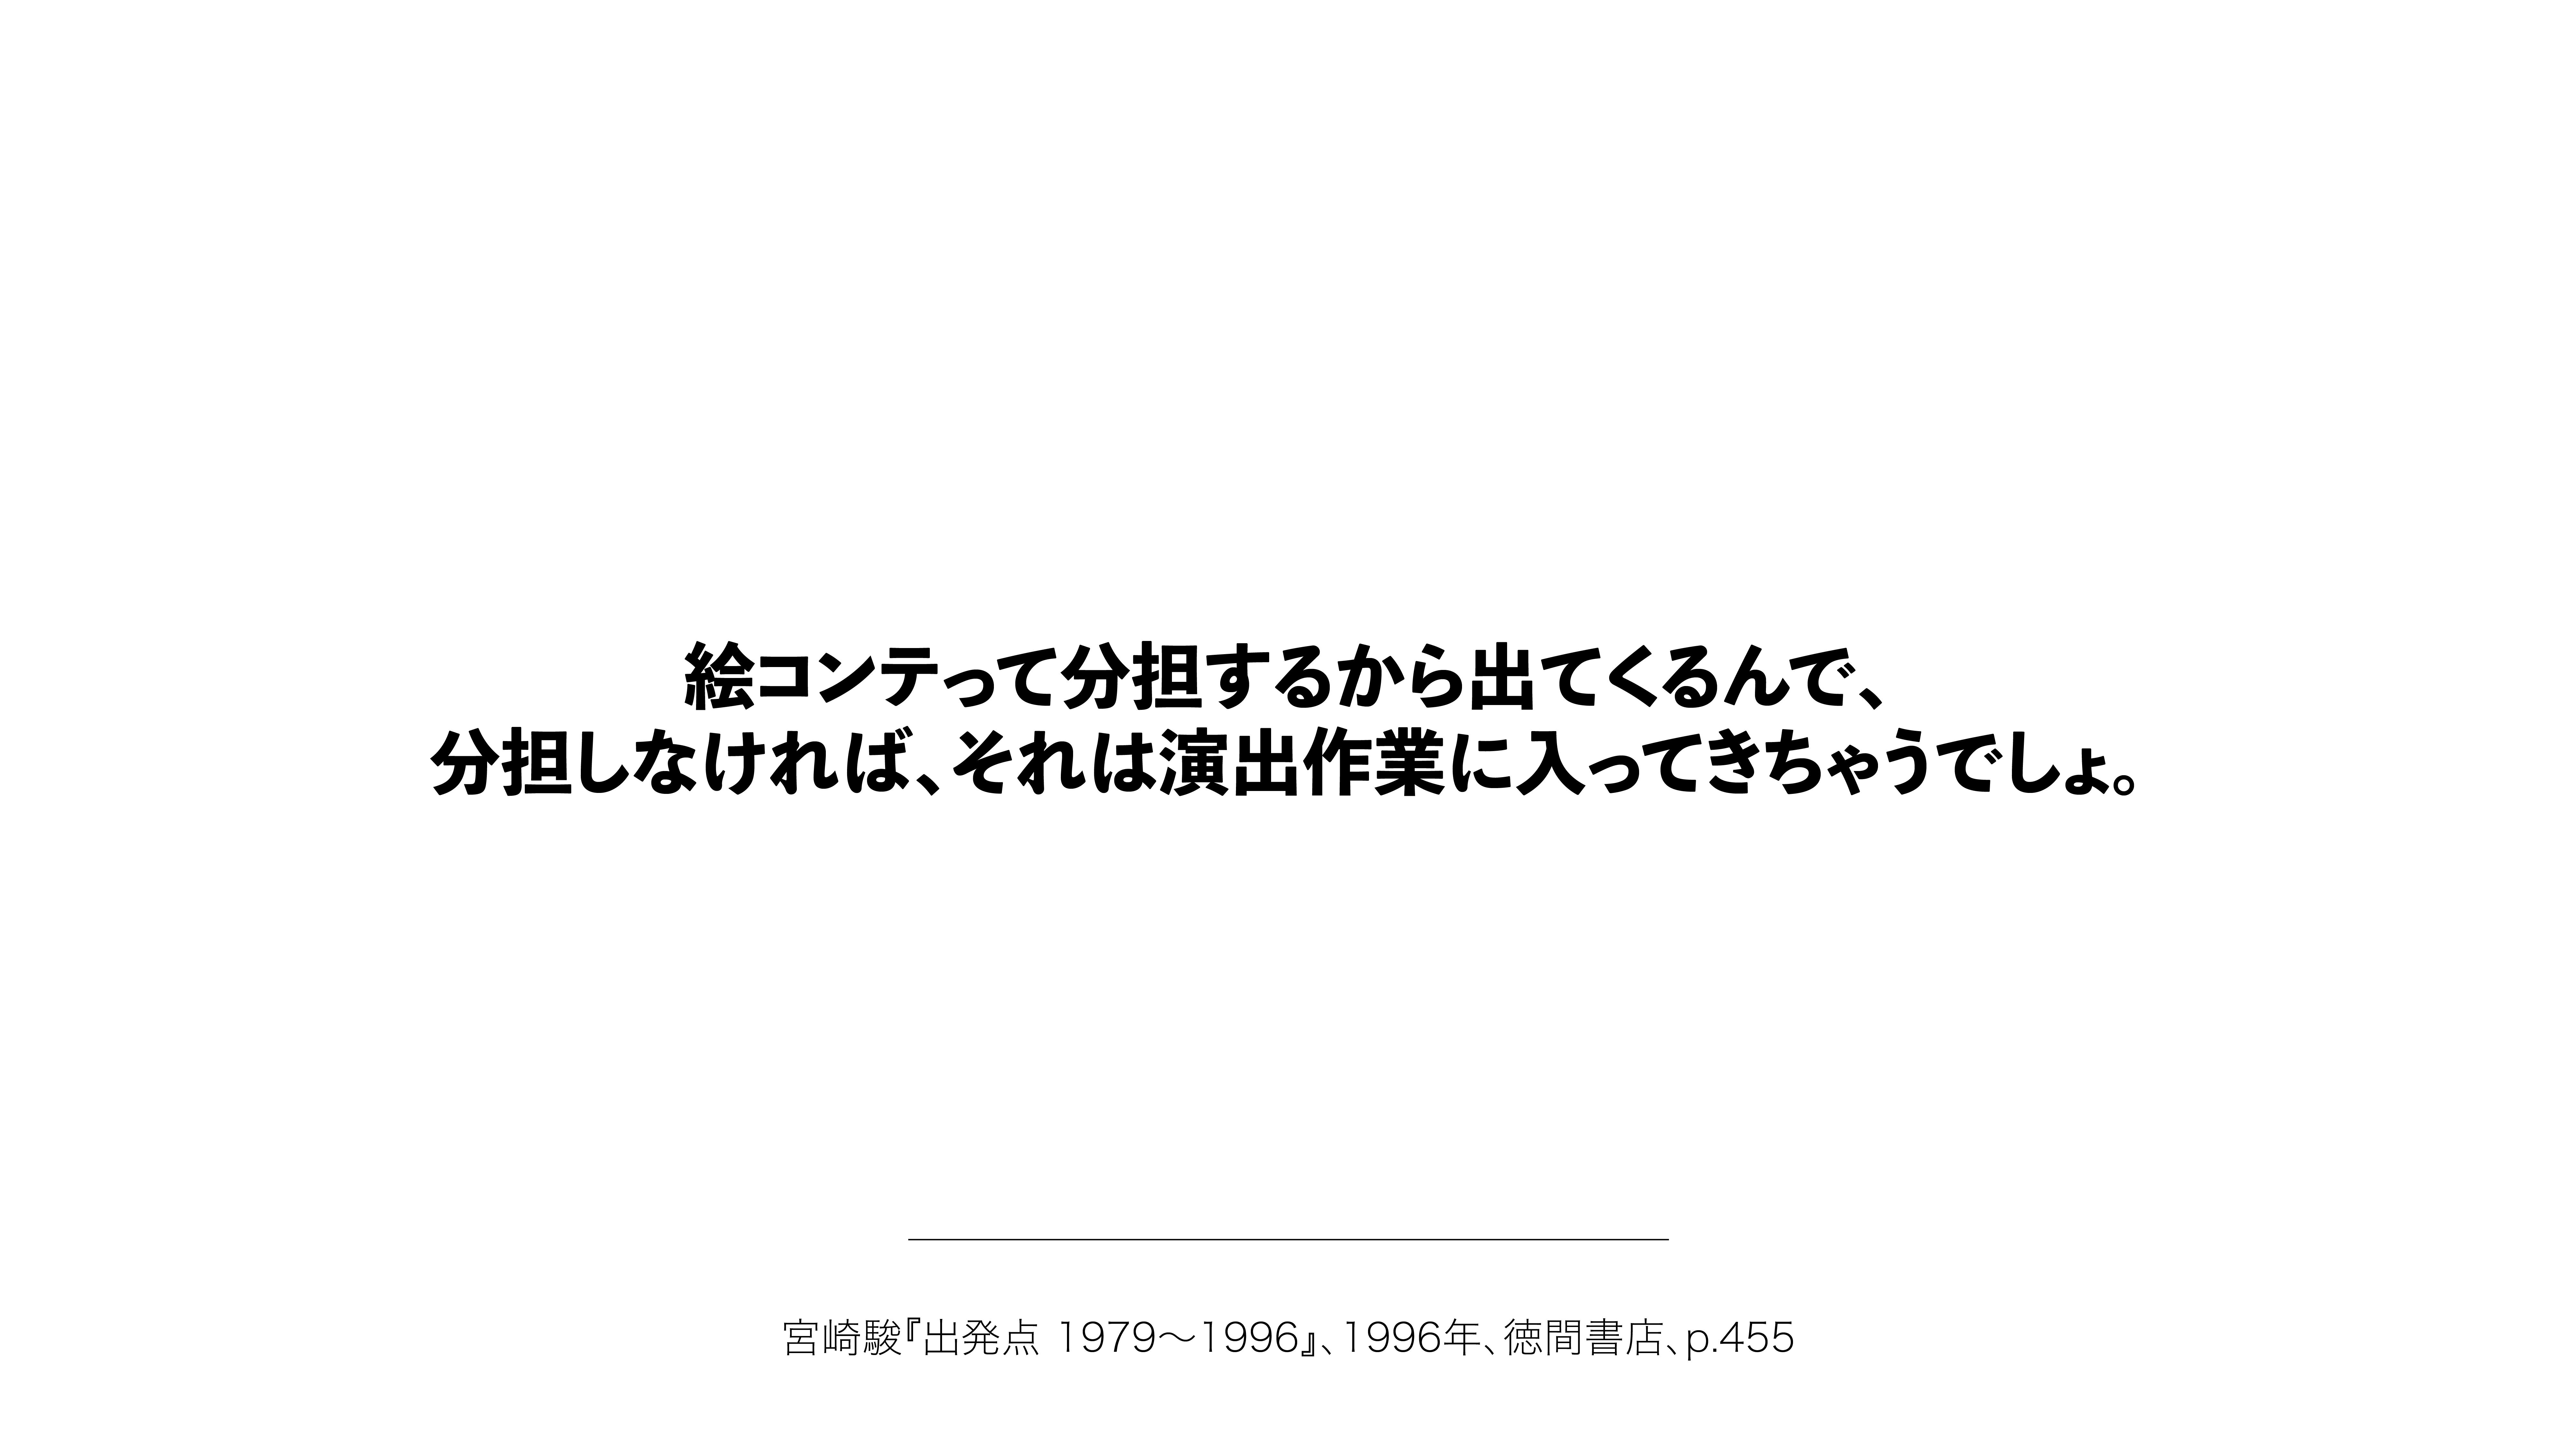 06_アニメーター解放宣言